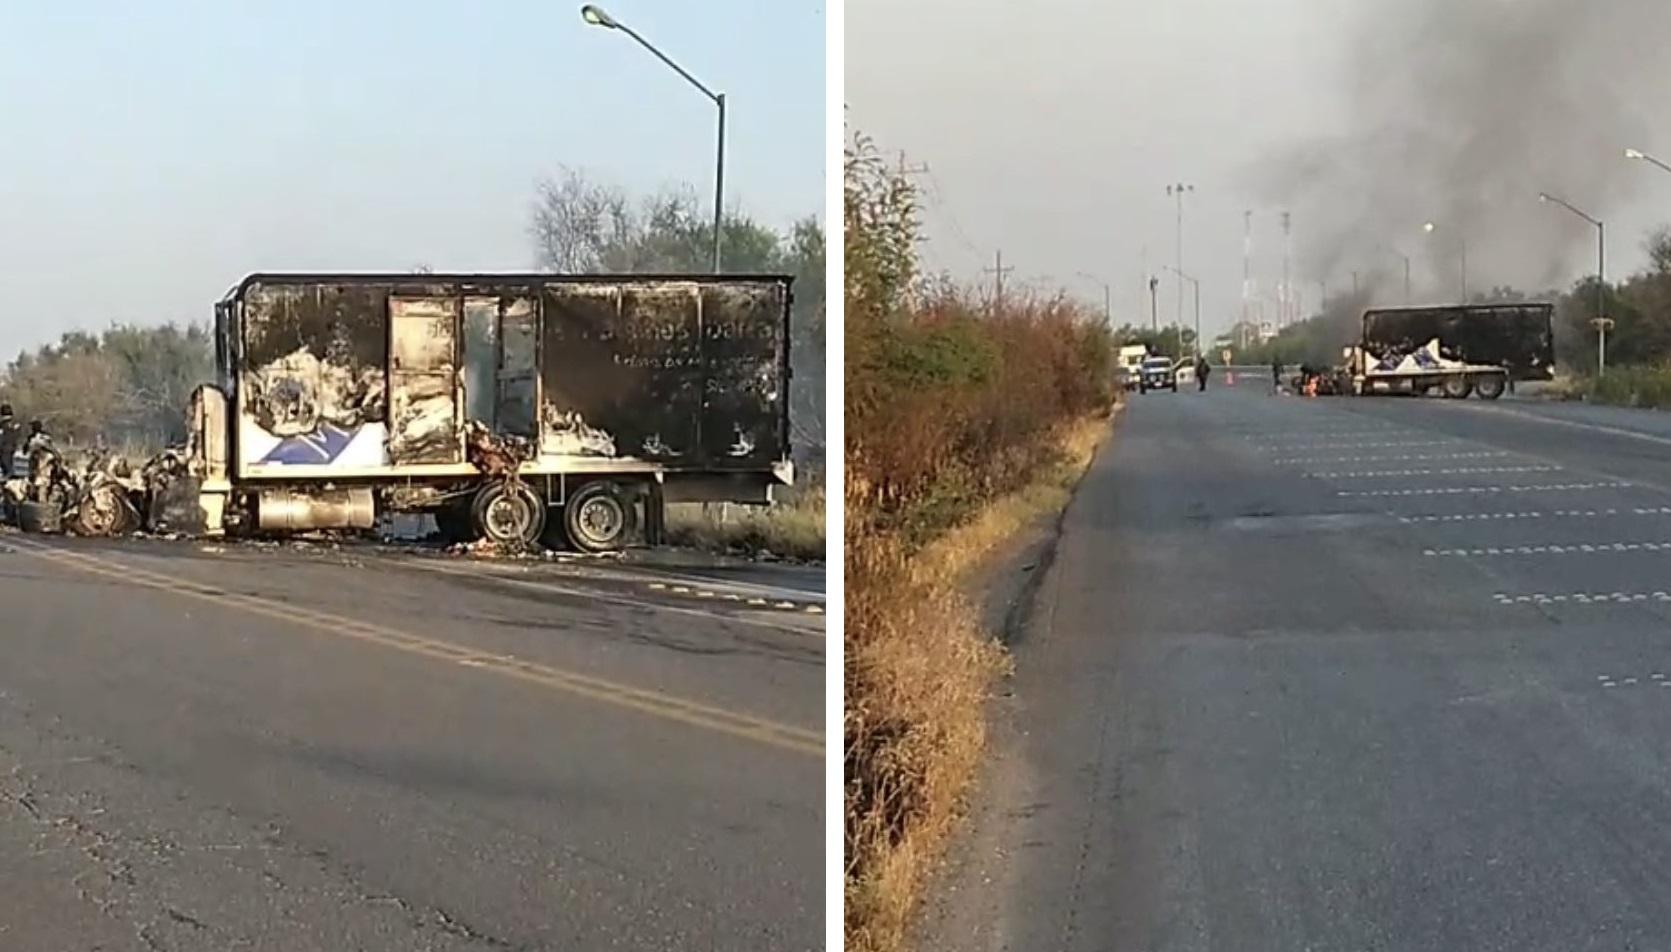 Bloqueos y enfrentamientos durante madrugada en Reynosa y toda la zona ribereña de Tamaulipas